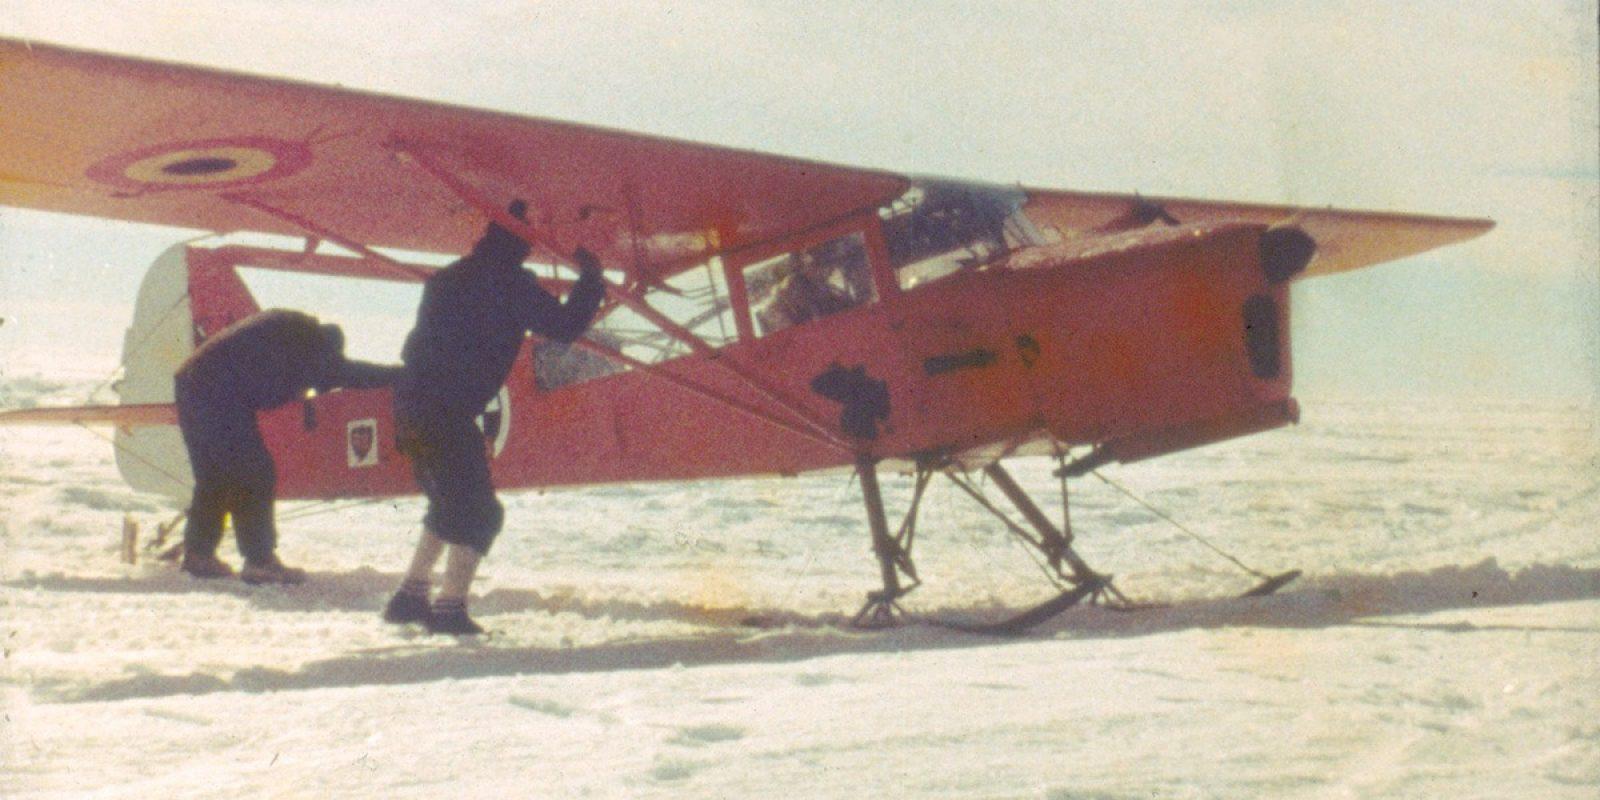 En plein Antarctique lors de la 1ère Année géophysique internationale 1957-1958, l'Auster A-2 effectue un test moteur retenu par des aides car, monté sur skis, cet appareil n'a pas de freins. Cette image est extraite d'un film 16 mm, ce qui explique son léger flou. (Gaston de Gerlache de Goméri via Jean-Claude Heurter)